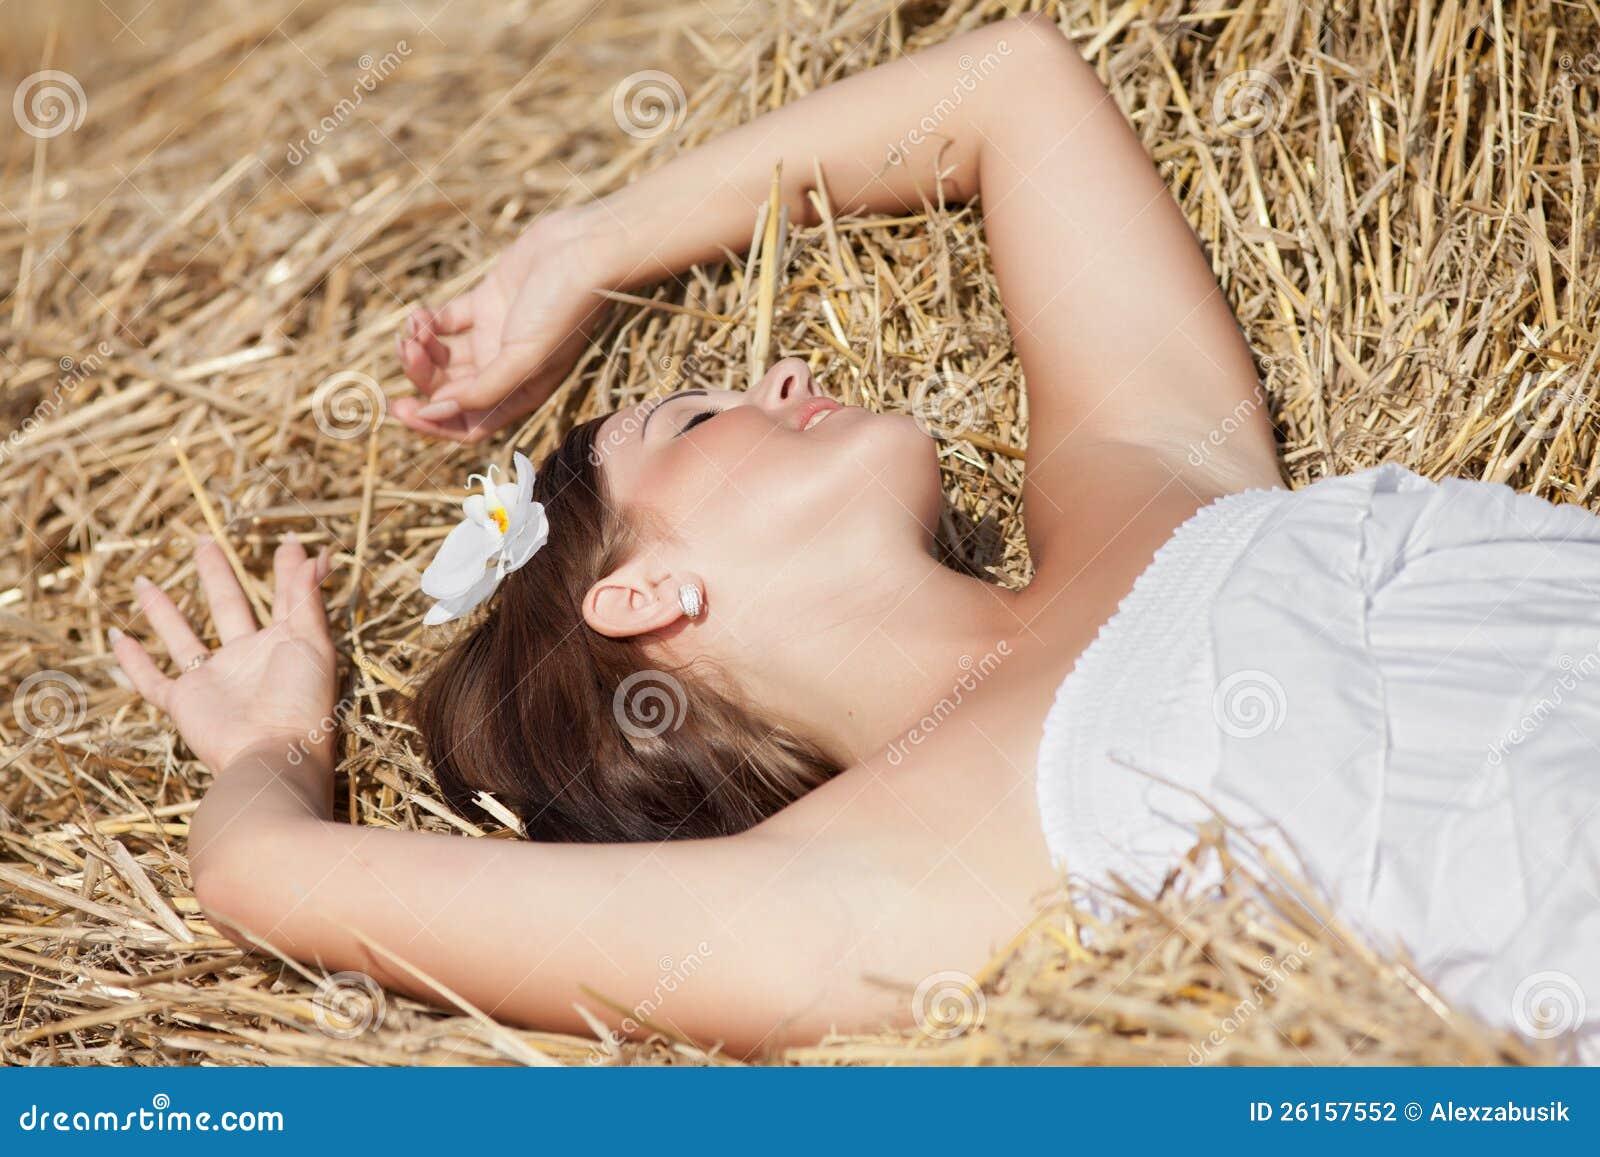 Деревенская красавица с мужиком на сеновале